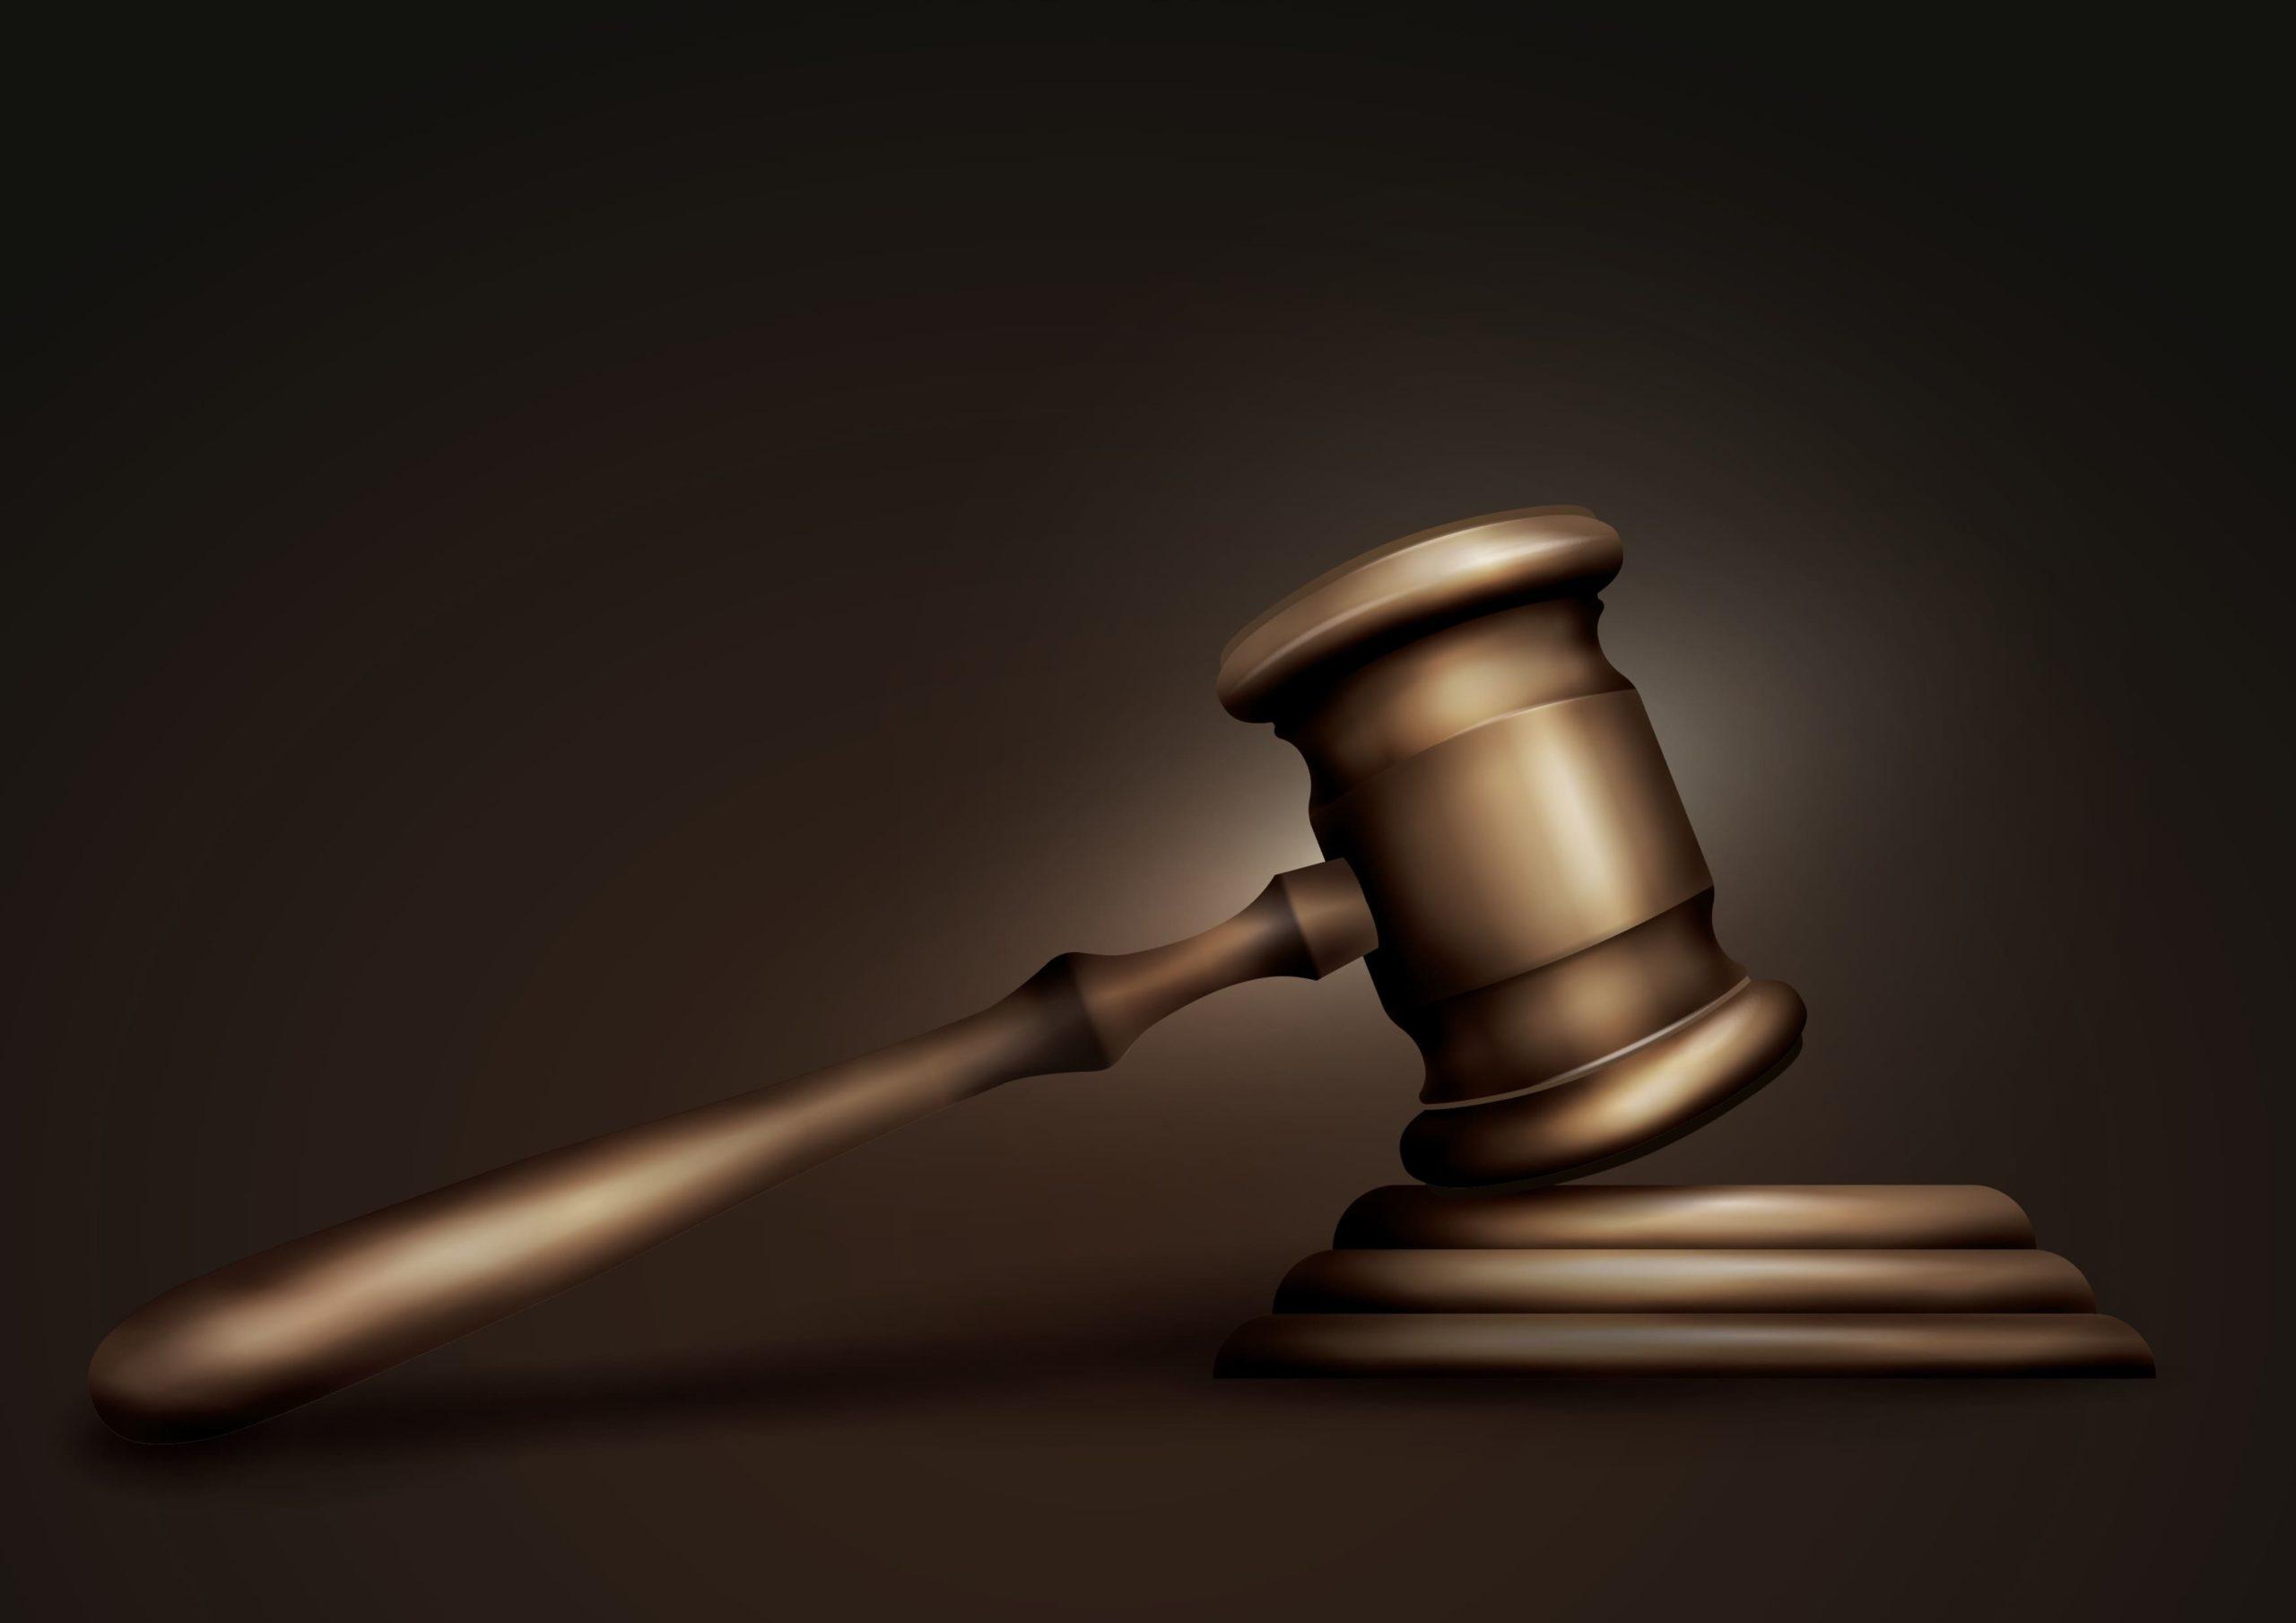 עורך דין לדיני עבודה – למה צריך לשים לב?